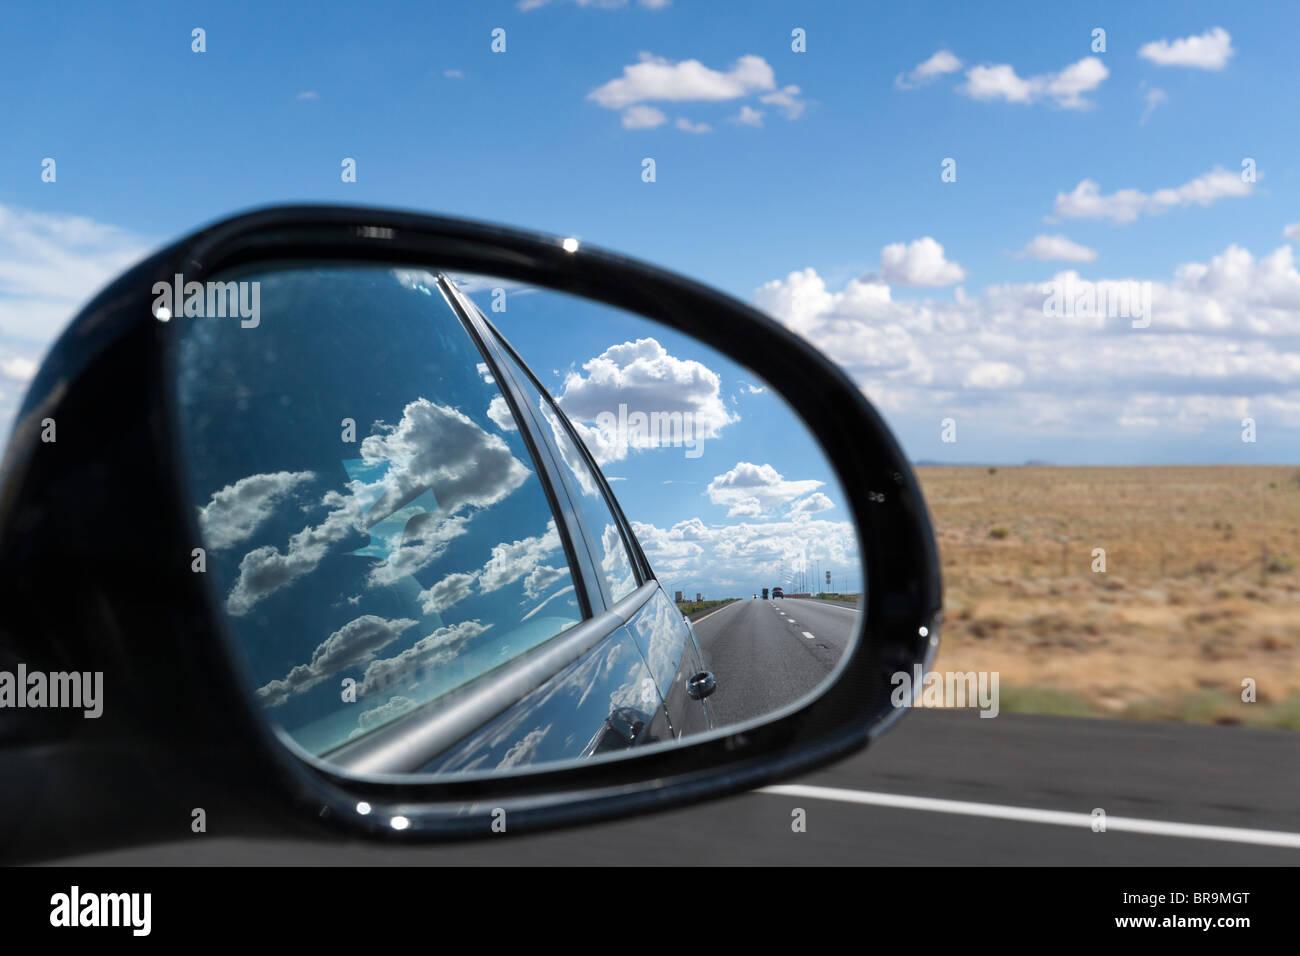 Retrovisor mostrando los coches en la carretera y las nubes reflejan en el lateral del coche - sugiere pasar del Imagen De Stock